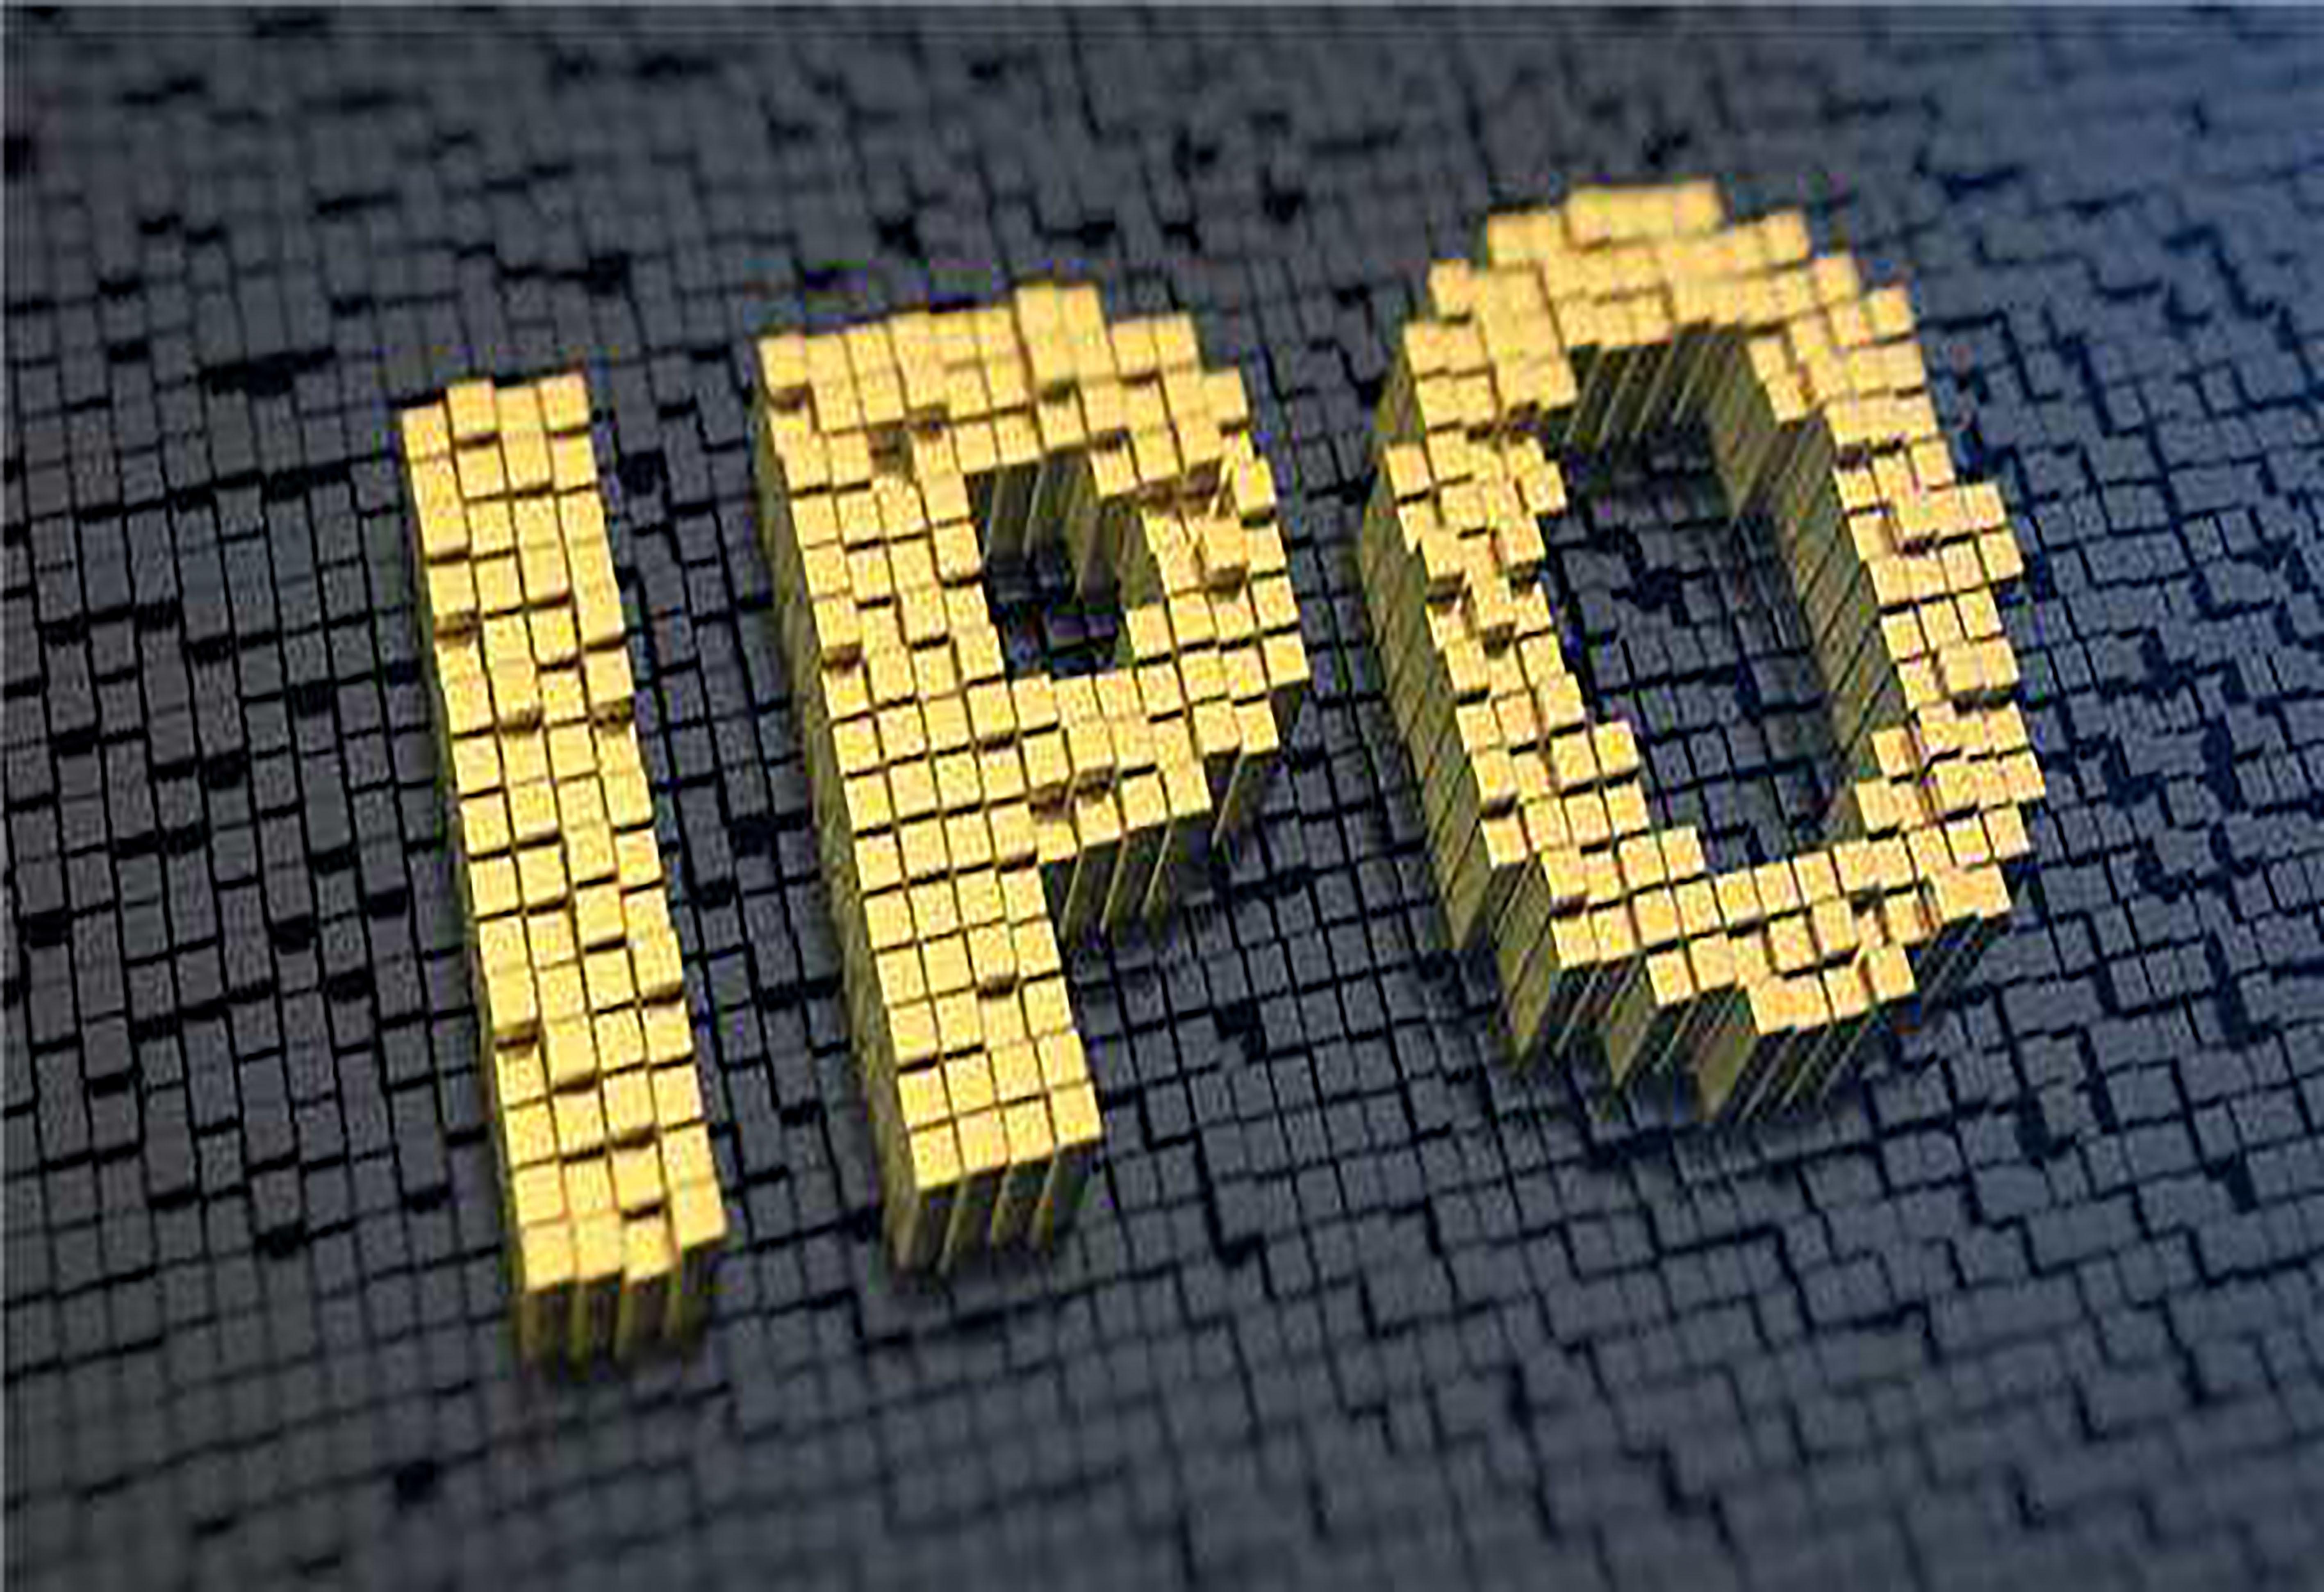 达特照明重启IPO:现金流常年为负 前五大客户变动较大